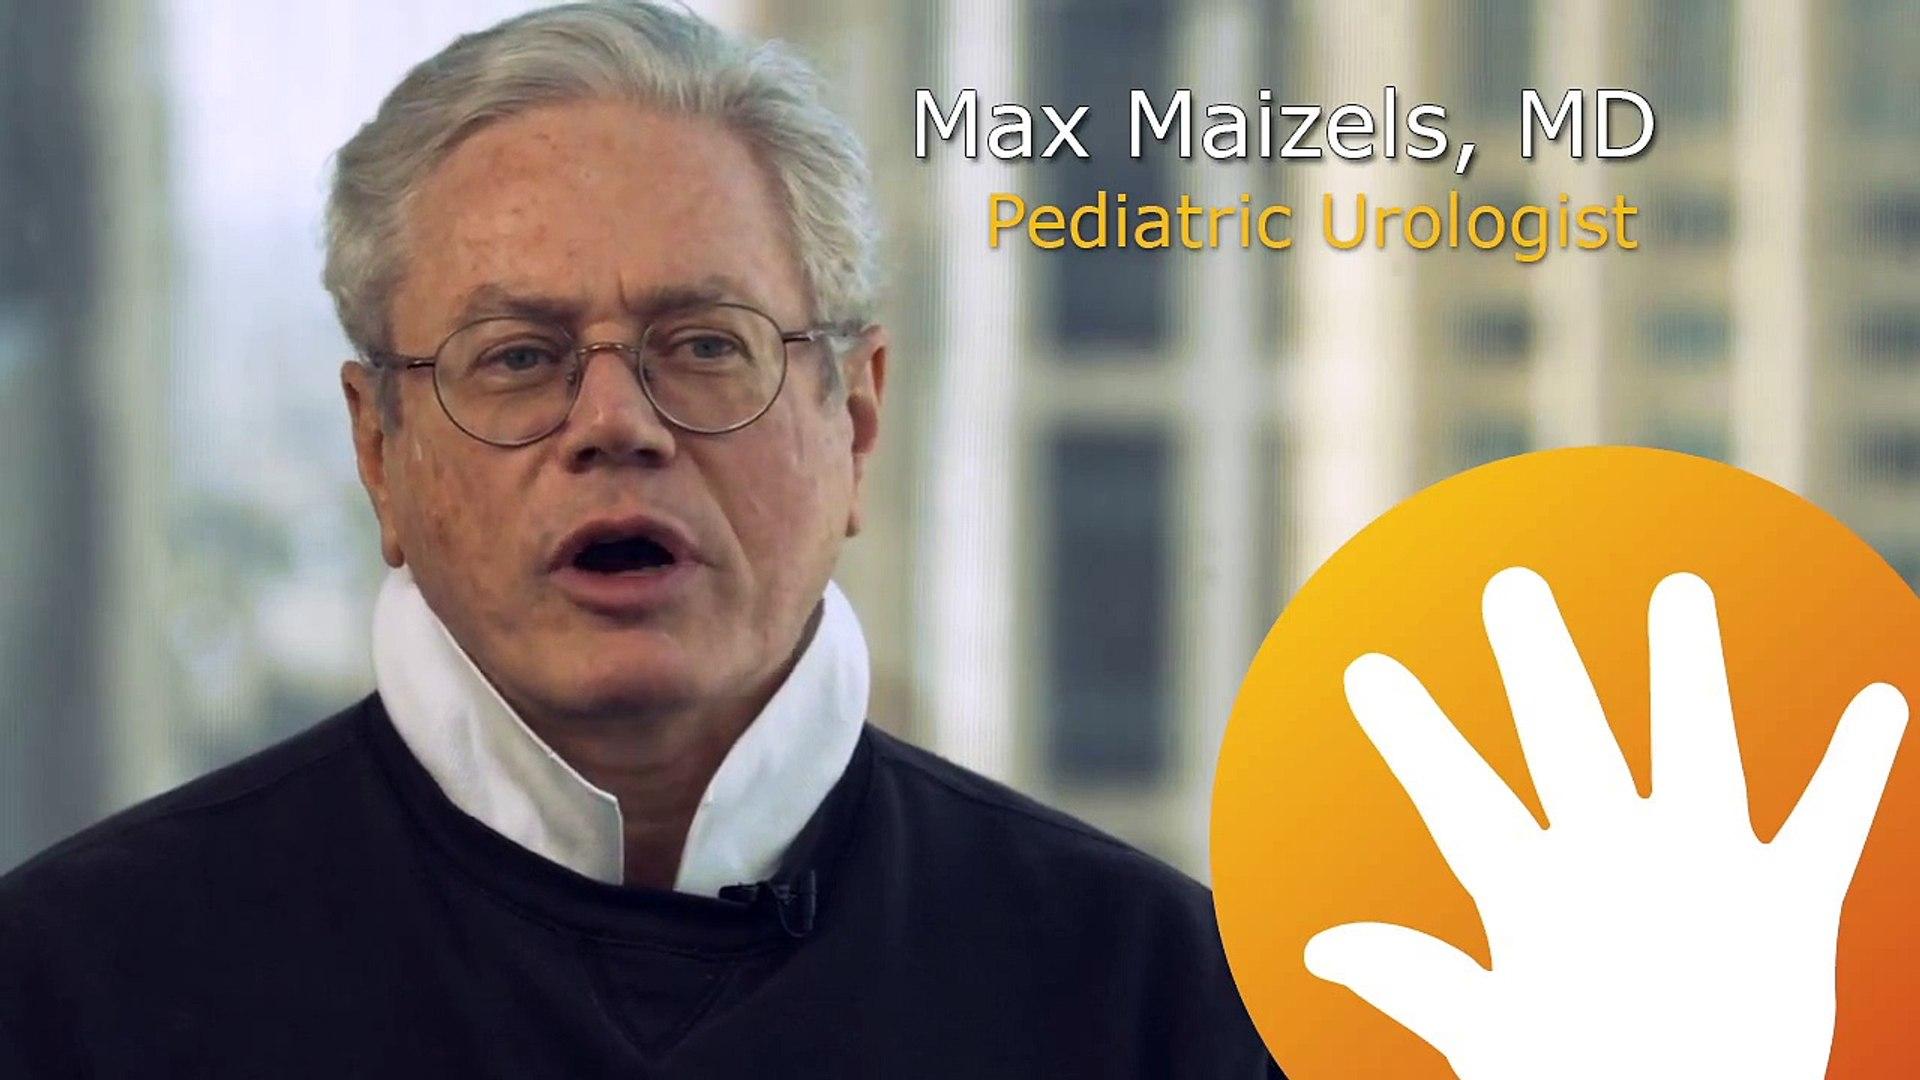 Meet Dr  Max Maizels, Pediatric Urologist at Lurie Children's